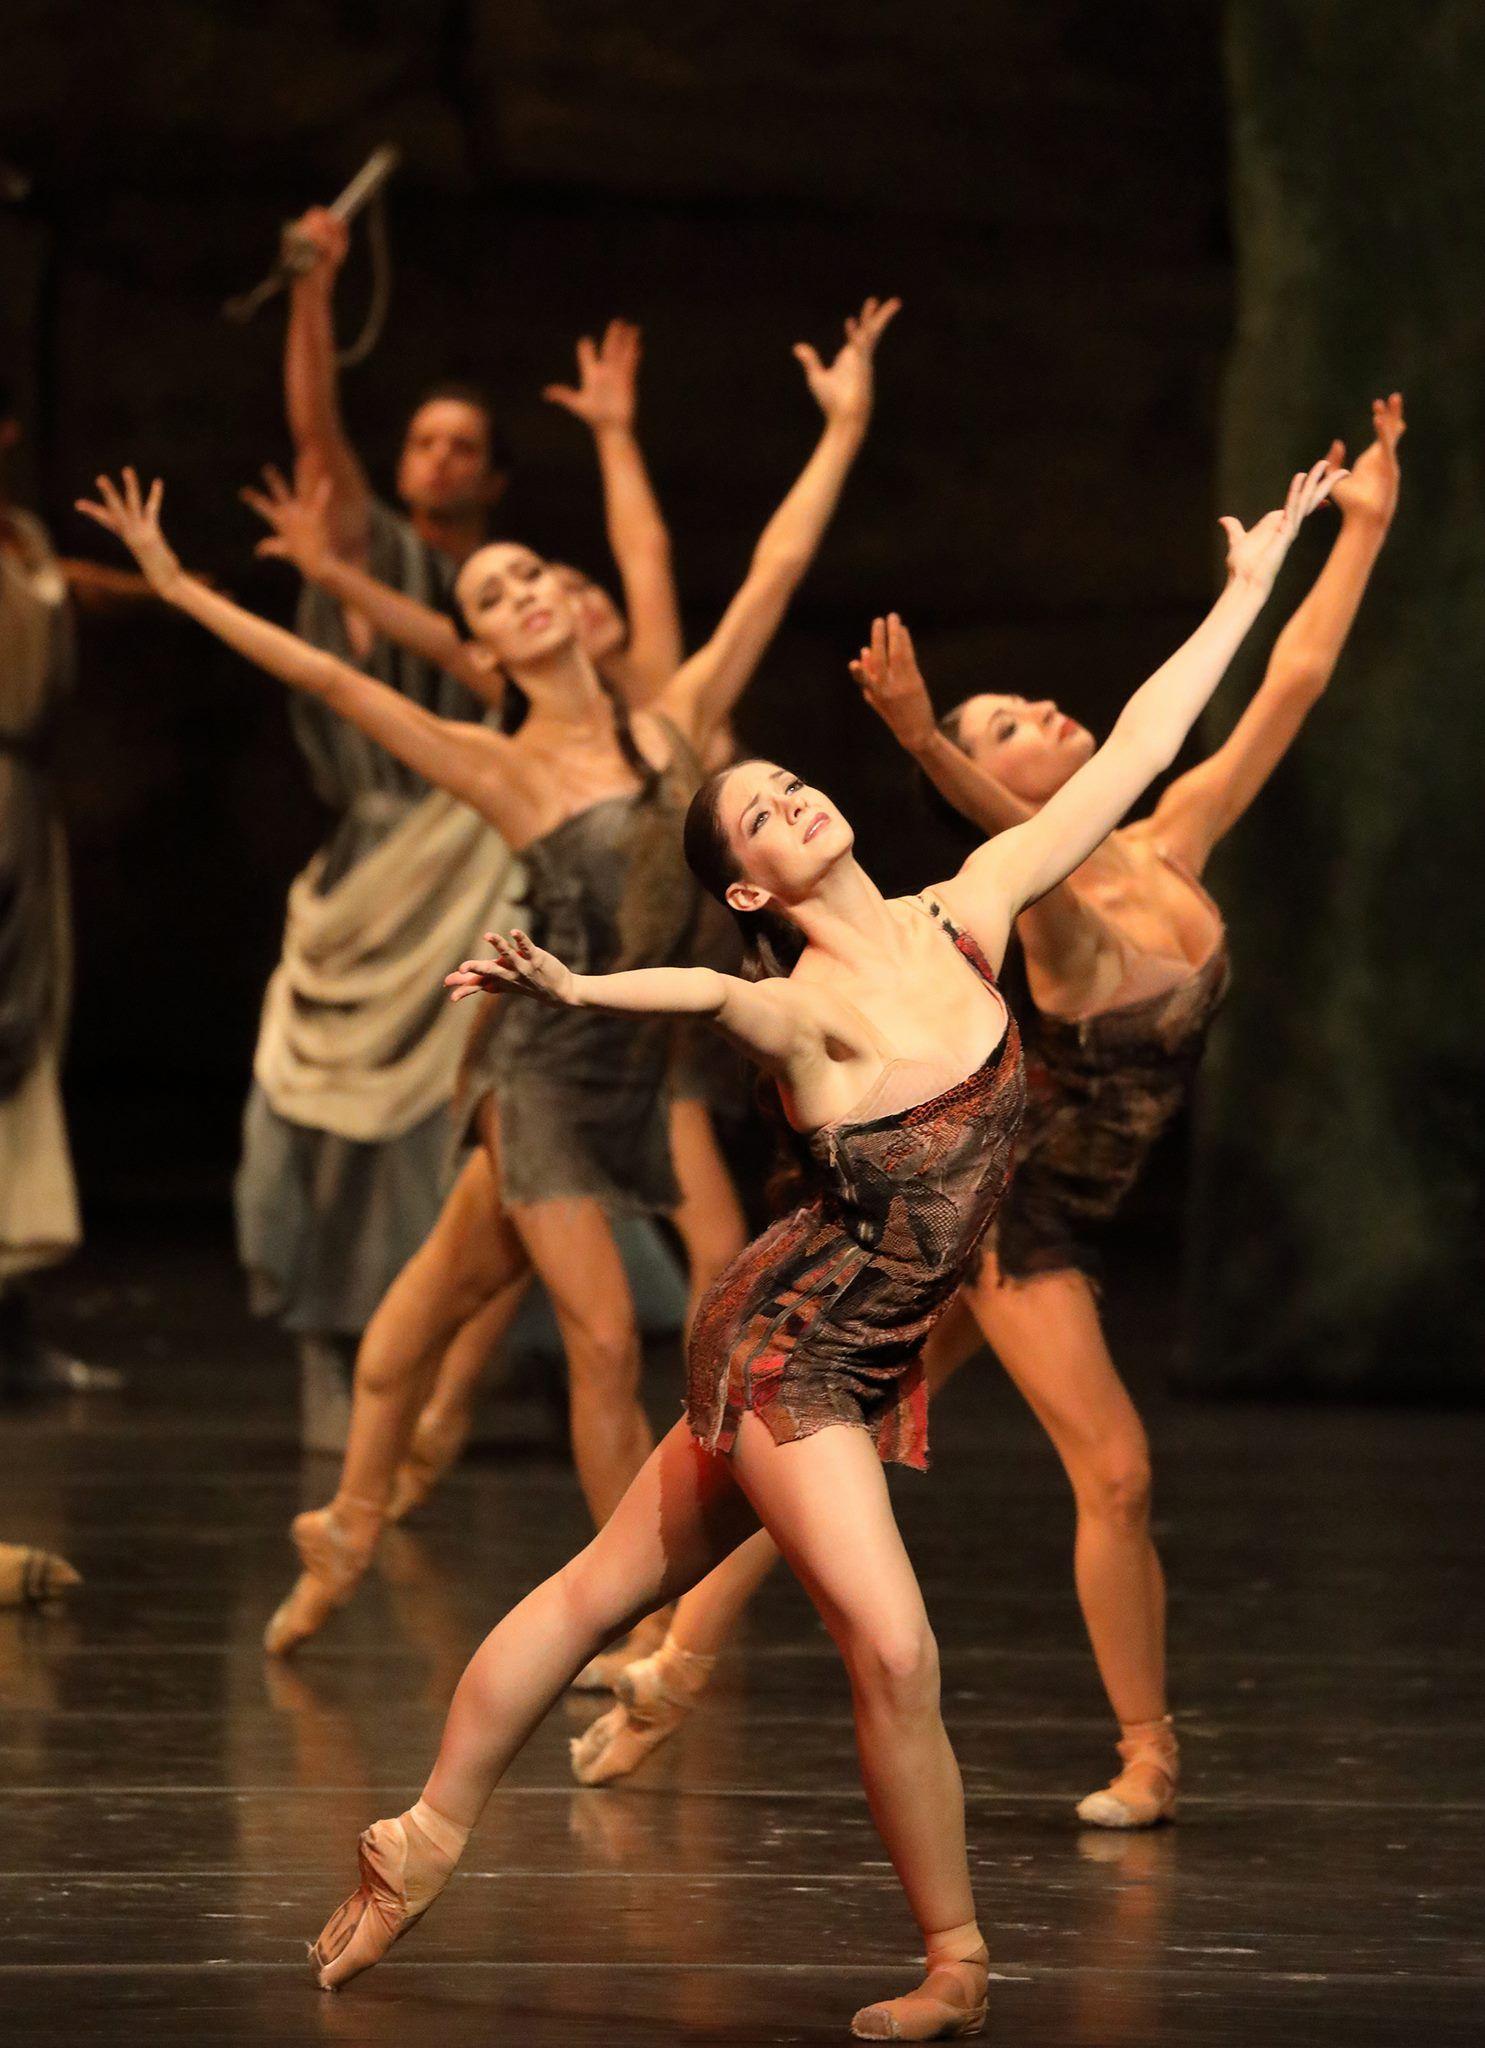 Bayerisches Staatsballett's Laurretta Summerscales as Phrygia from 'Spartacus'